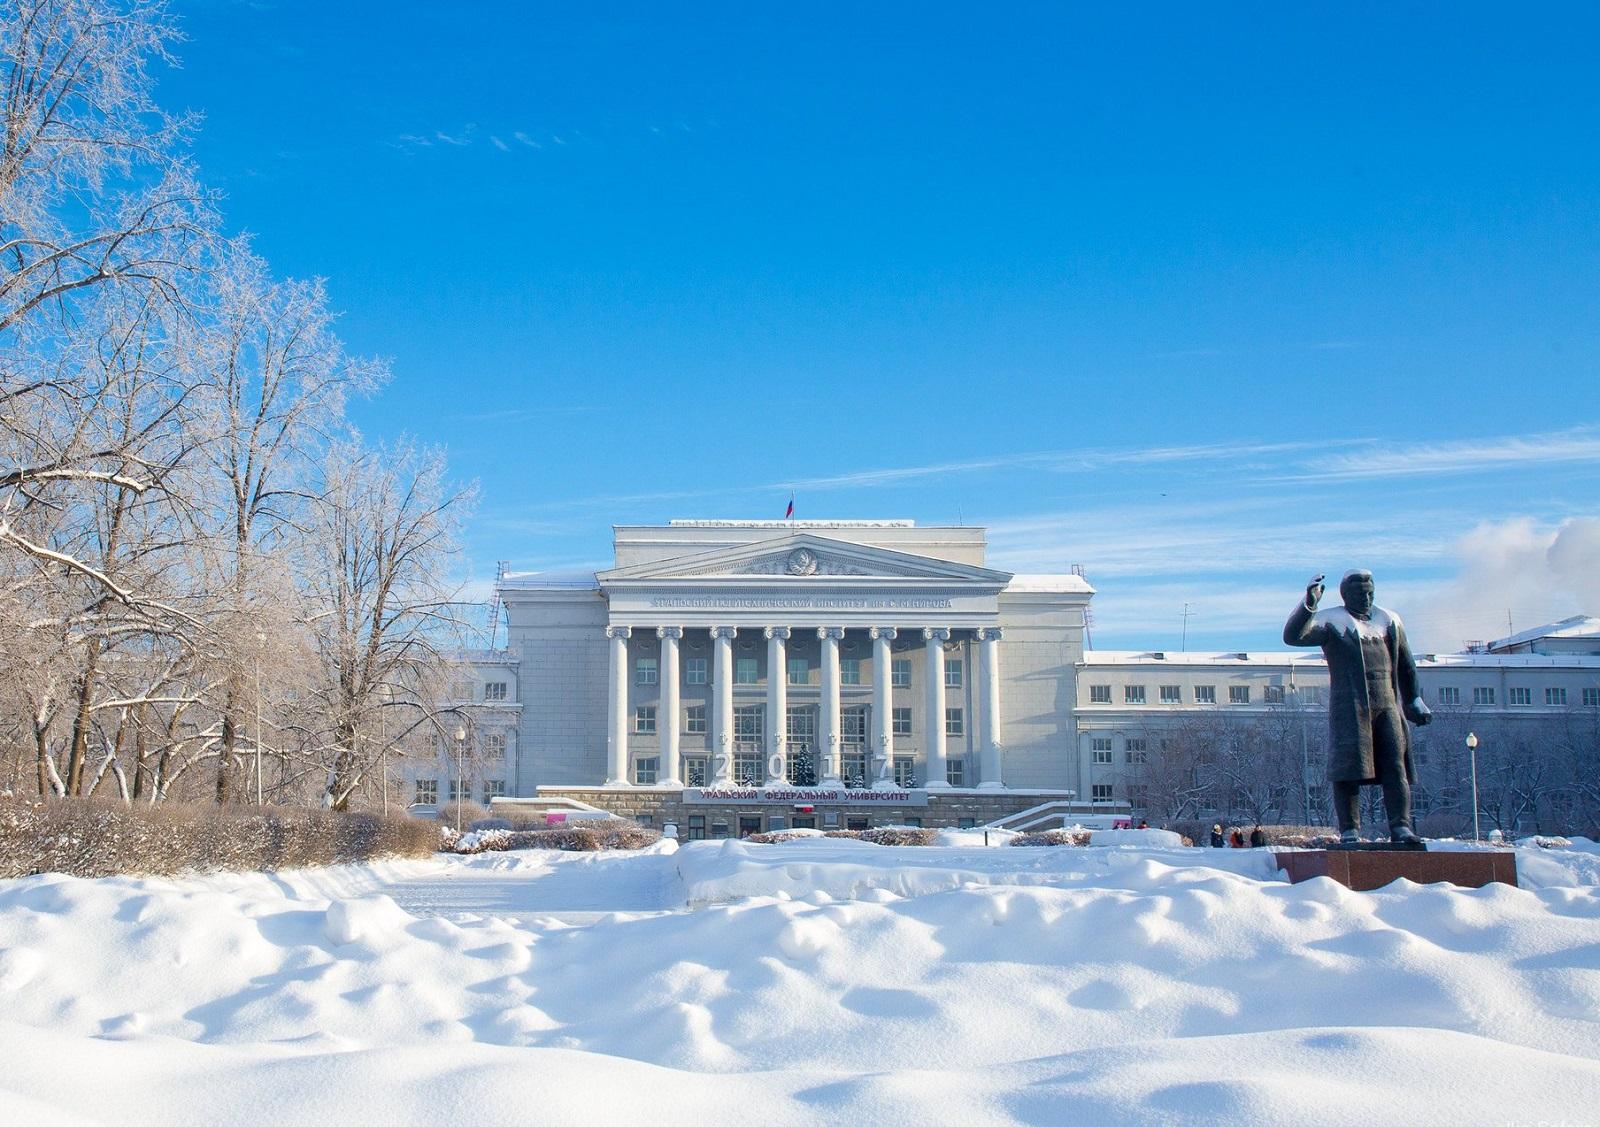 乌拉尔联邦大学被列入俄罗斯五大热门大学之列插图-小狮座俄罗斯留学